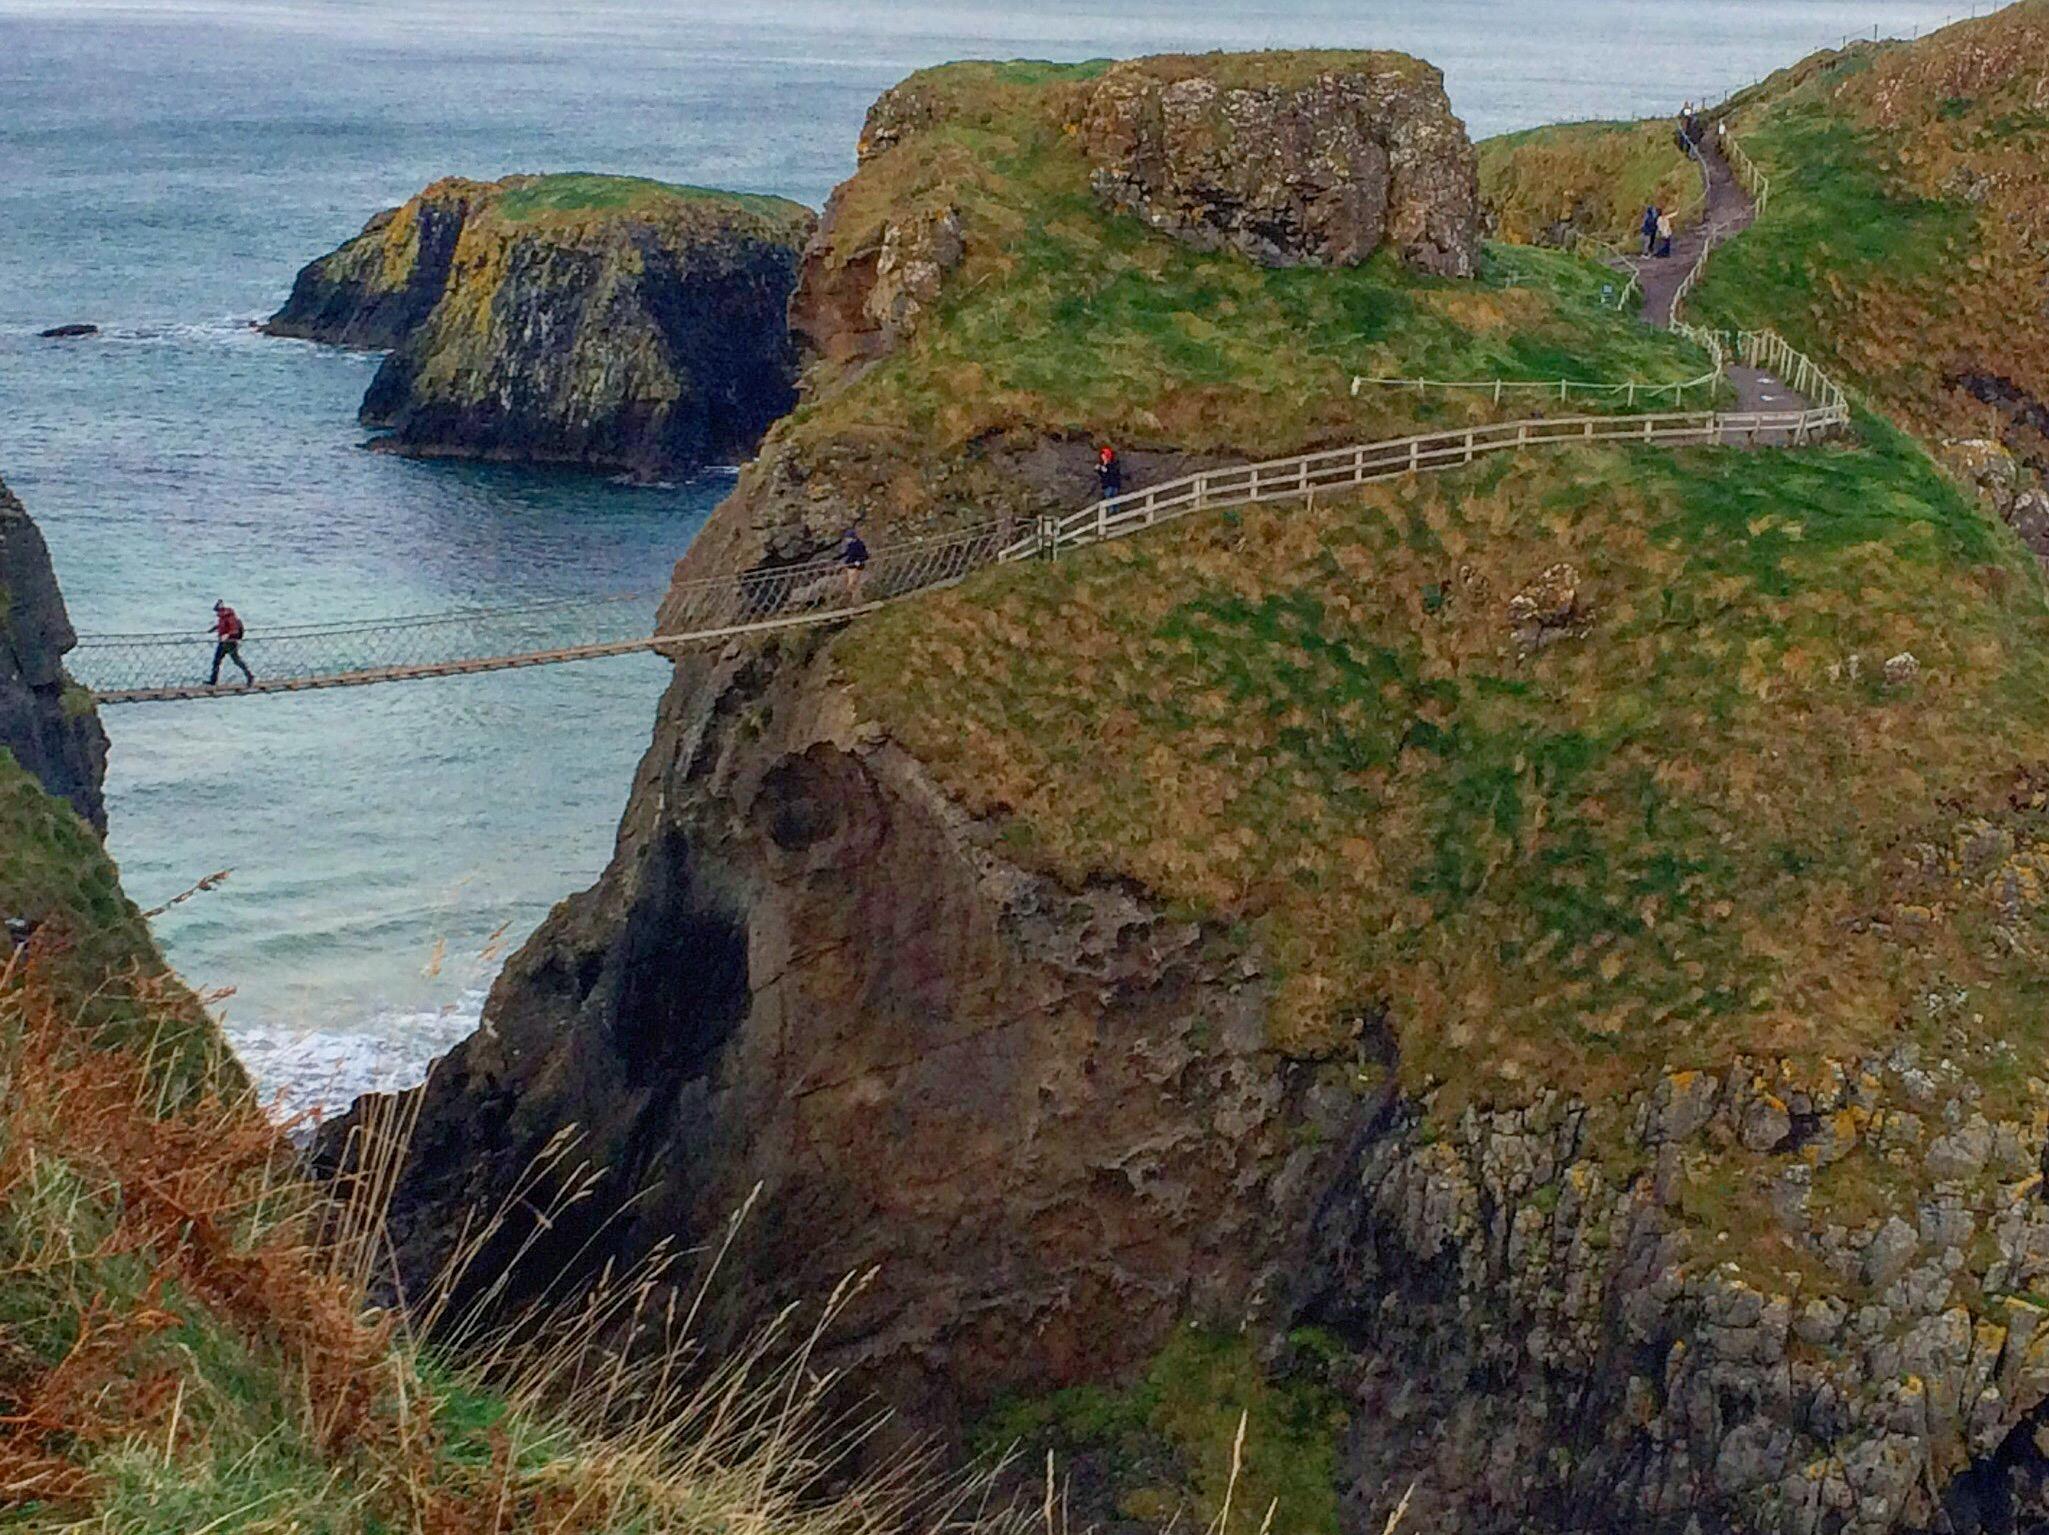 carrick_a_rede_ropebridge_causeway_niexplorer_niexplorer.jpg